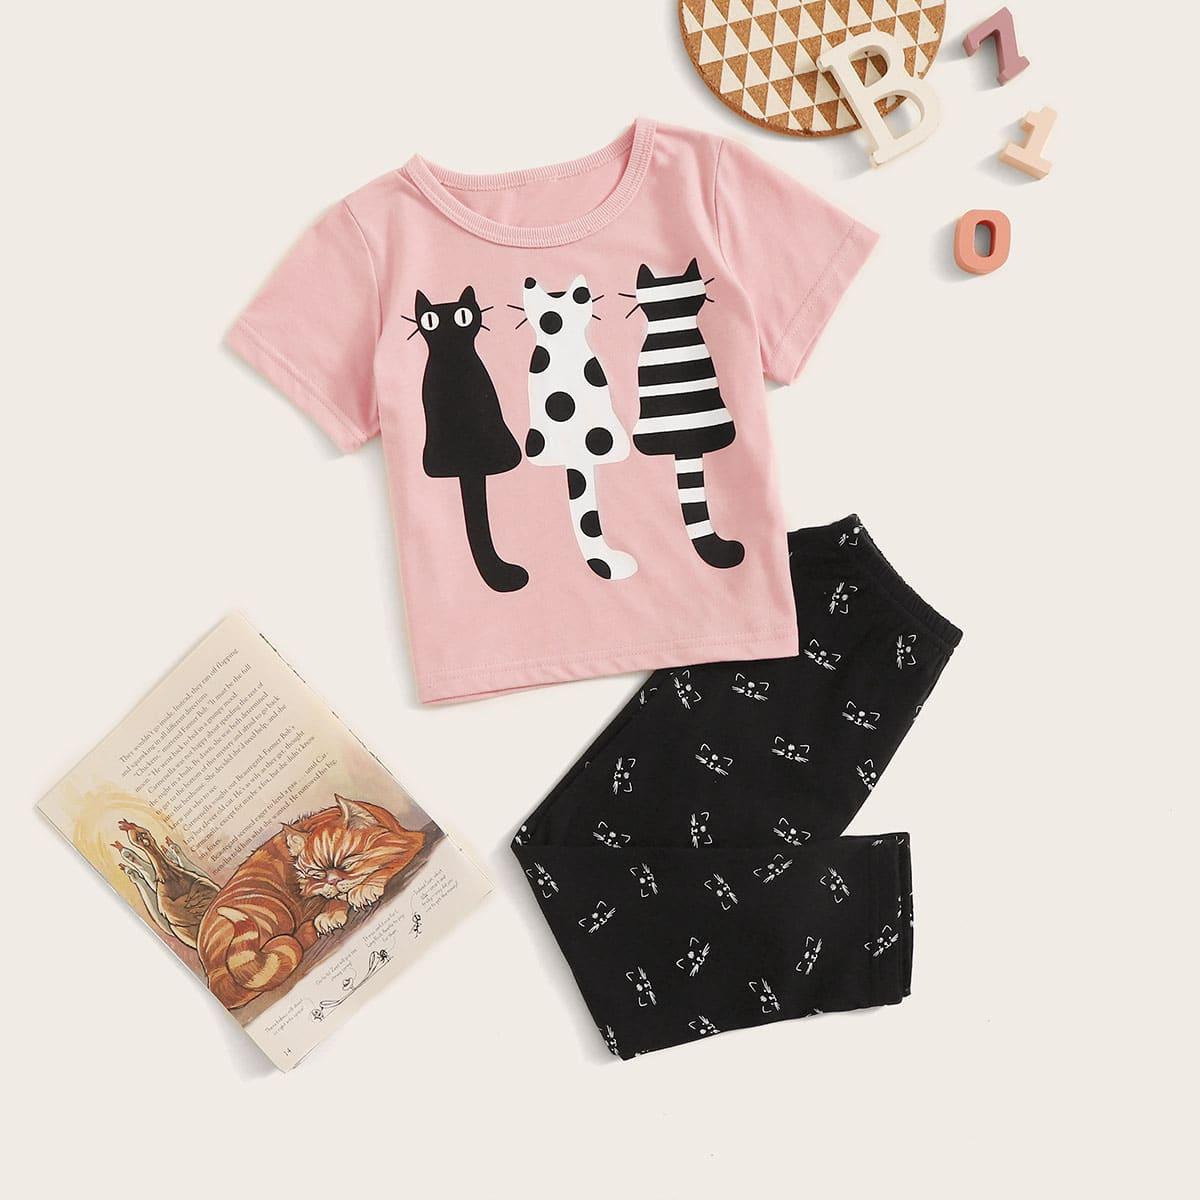 Пижама с принтом кота для девочек от SHEIN